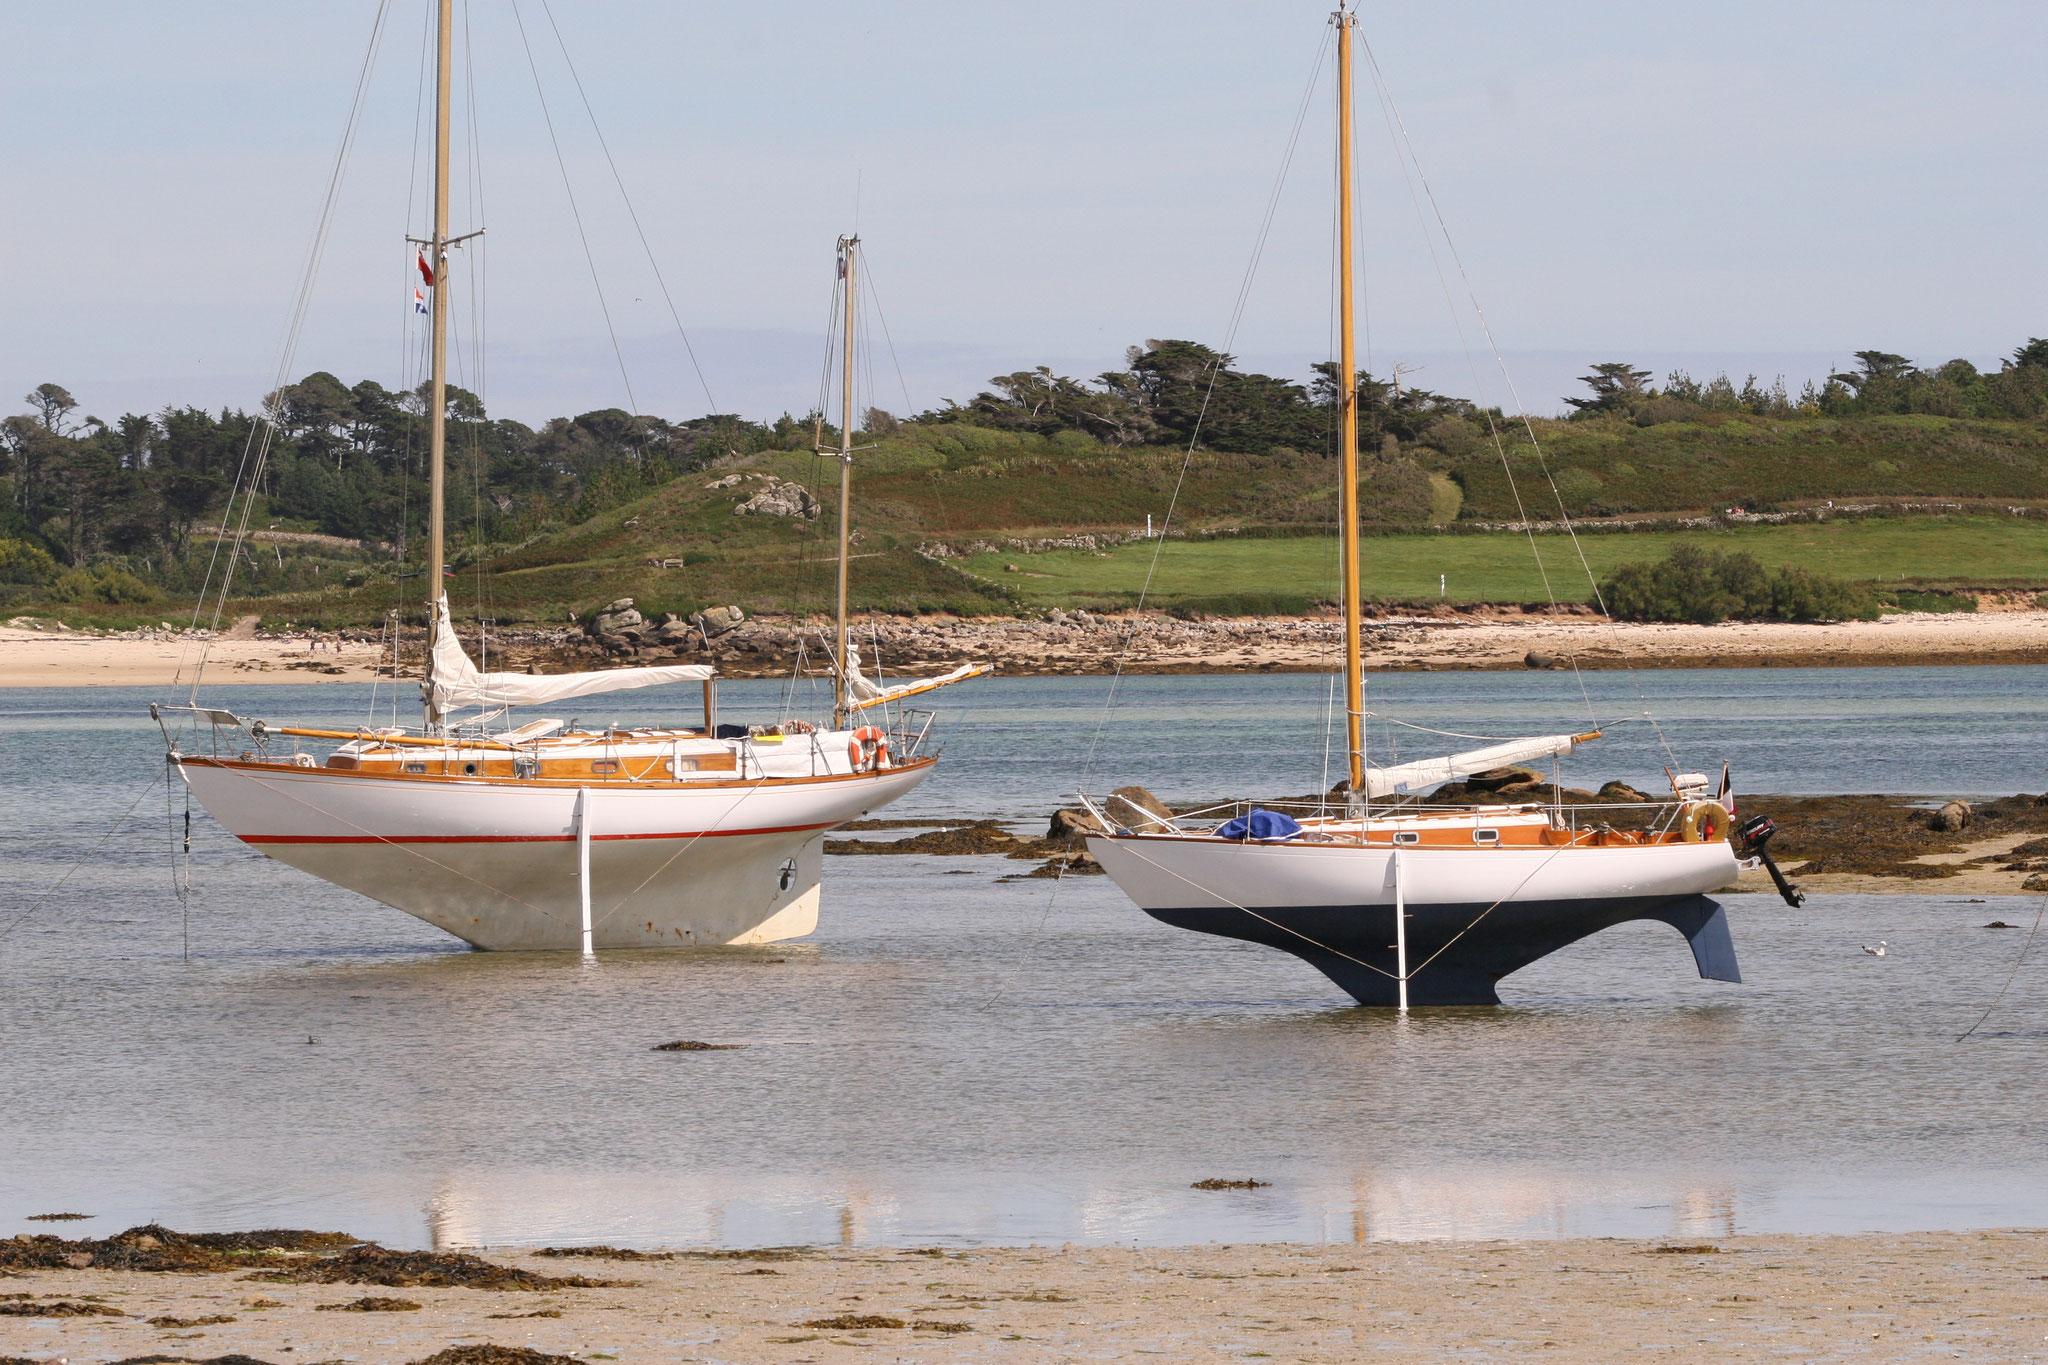 Yachten mit Wattstützen... Man braucht nicht unbedingt einen Hafen mit Schwimmstegen